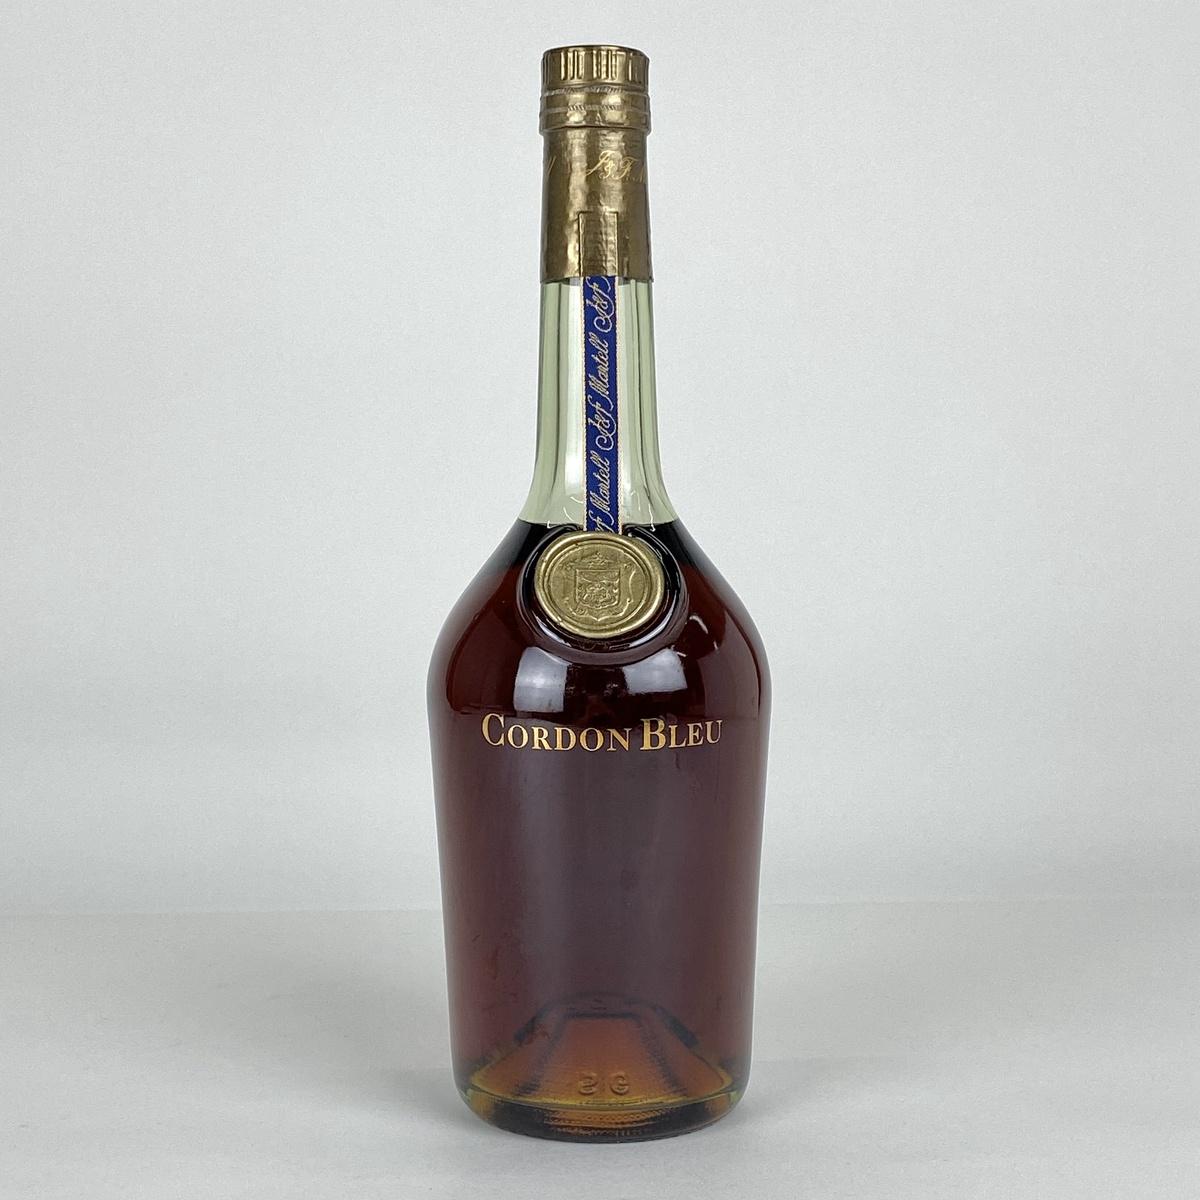 マーテル MARTELL コルドンブルー 青ラベル 旧ボトル グリーンボトル ラベルなし 700ml ブランデー コニャック 【古酒】